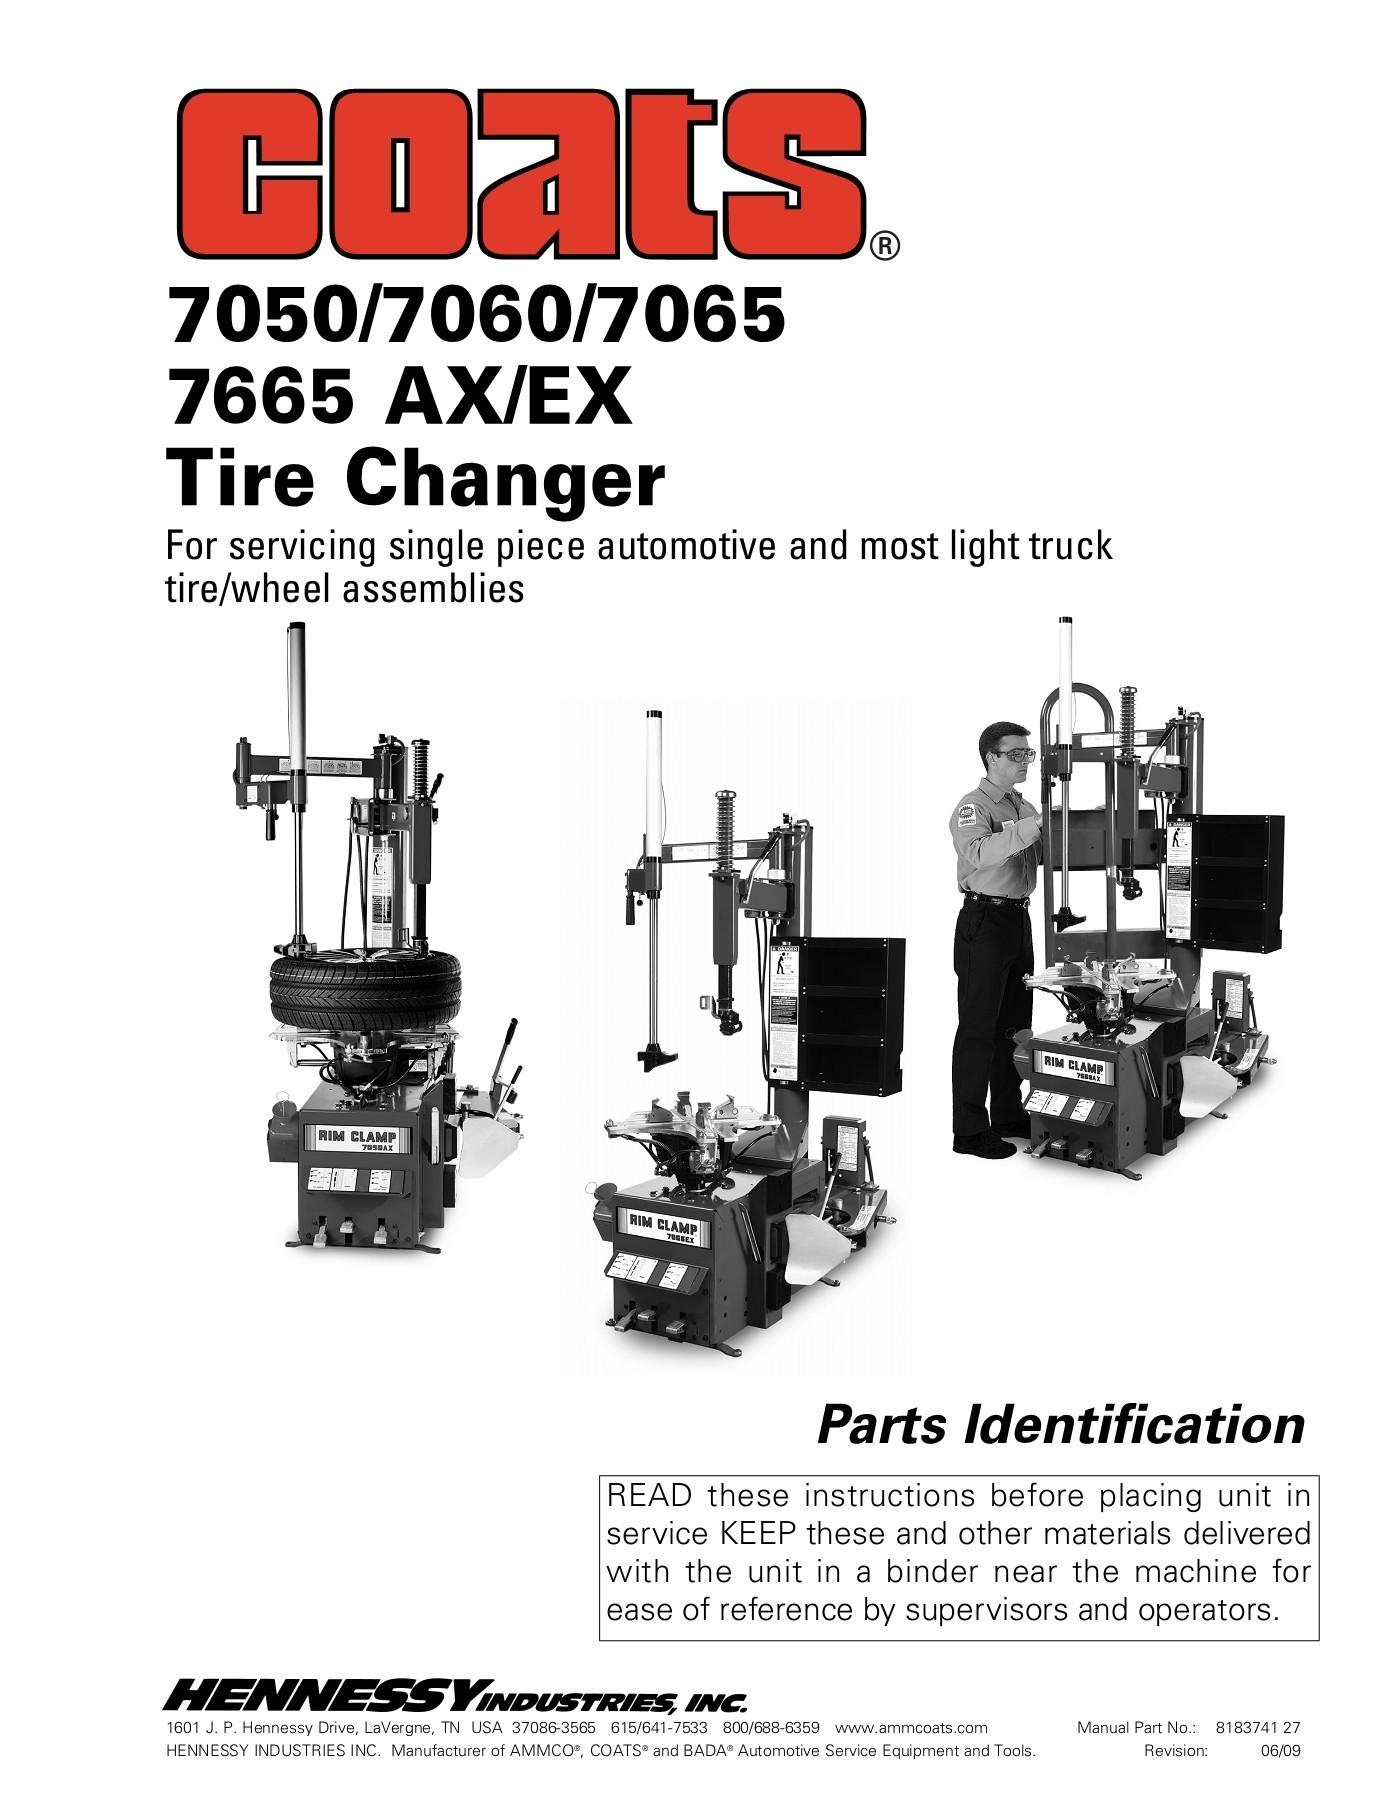 Coats Tire Machine Parts Diagram 7050 7060 7065 7665 Ax Ex Tire Changer Pages 1 24 Text Version Of Coats Tire Machine Parts Diagram